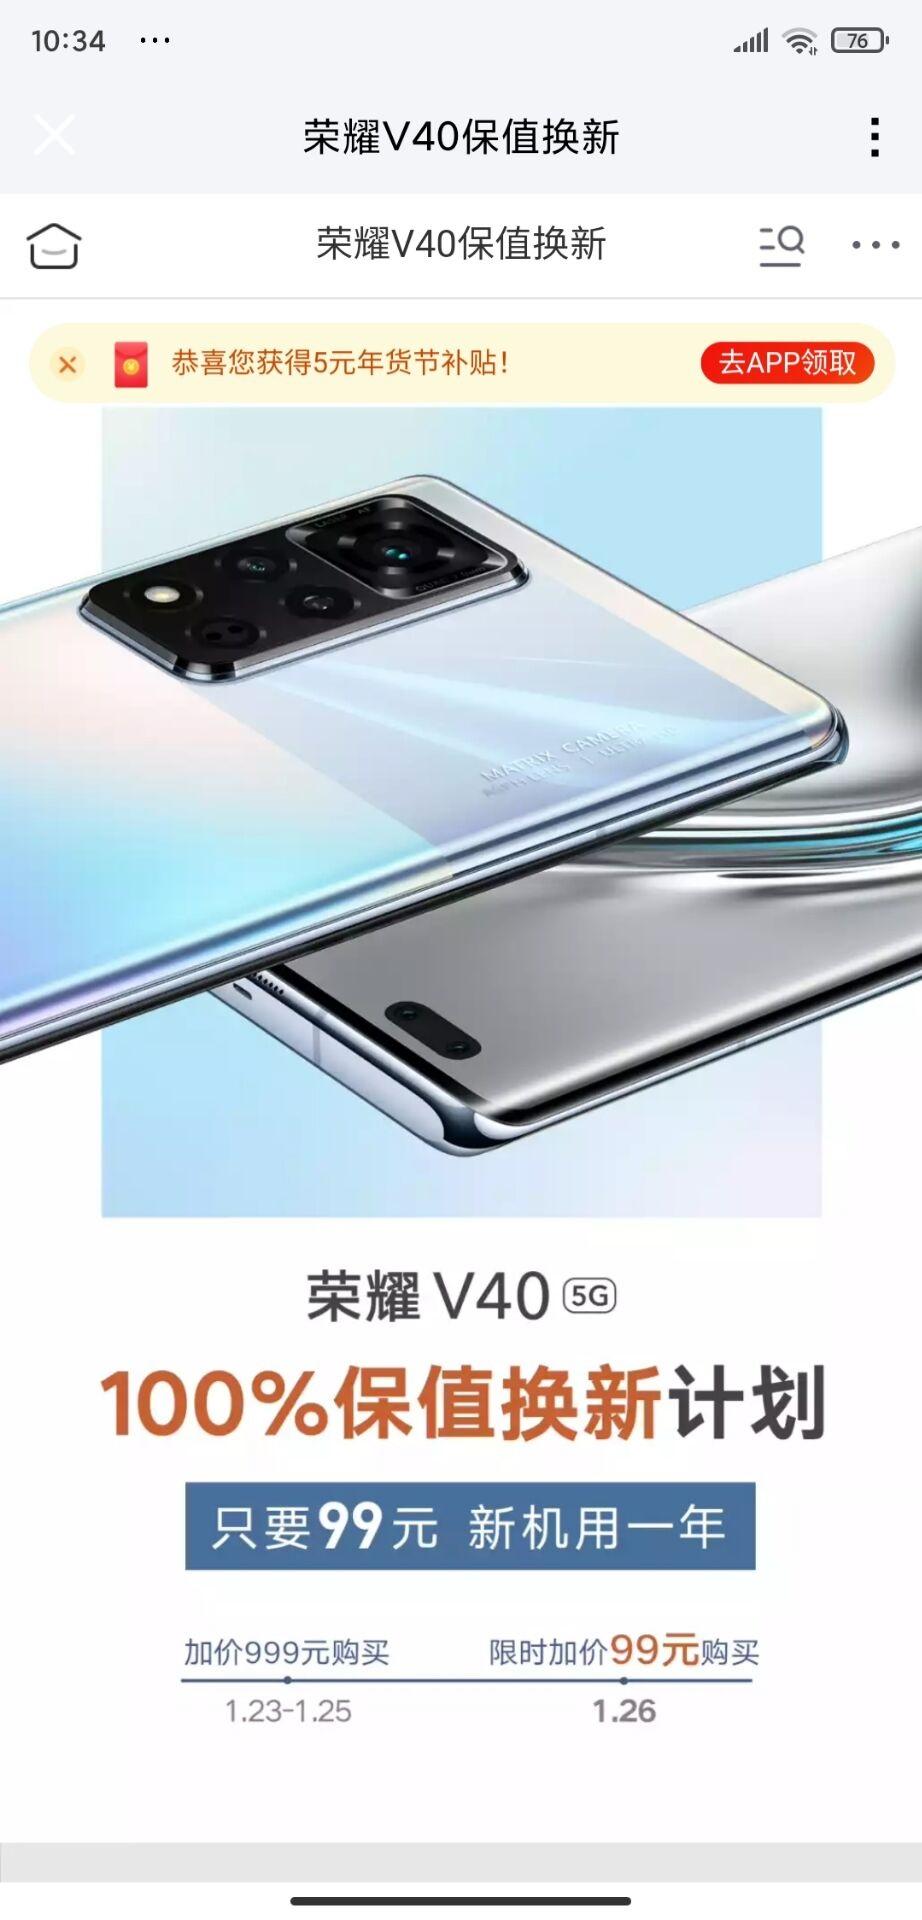 榮耀V40手機保值換新計劃值得買嗎